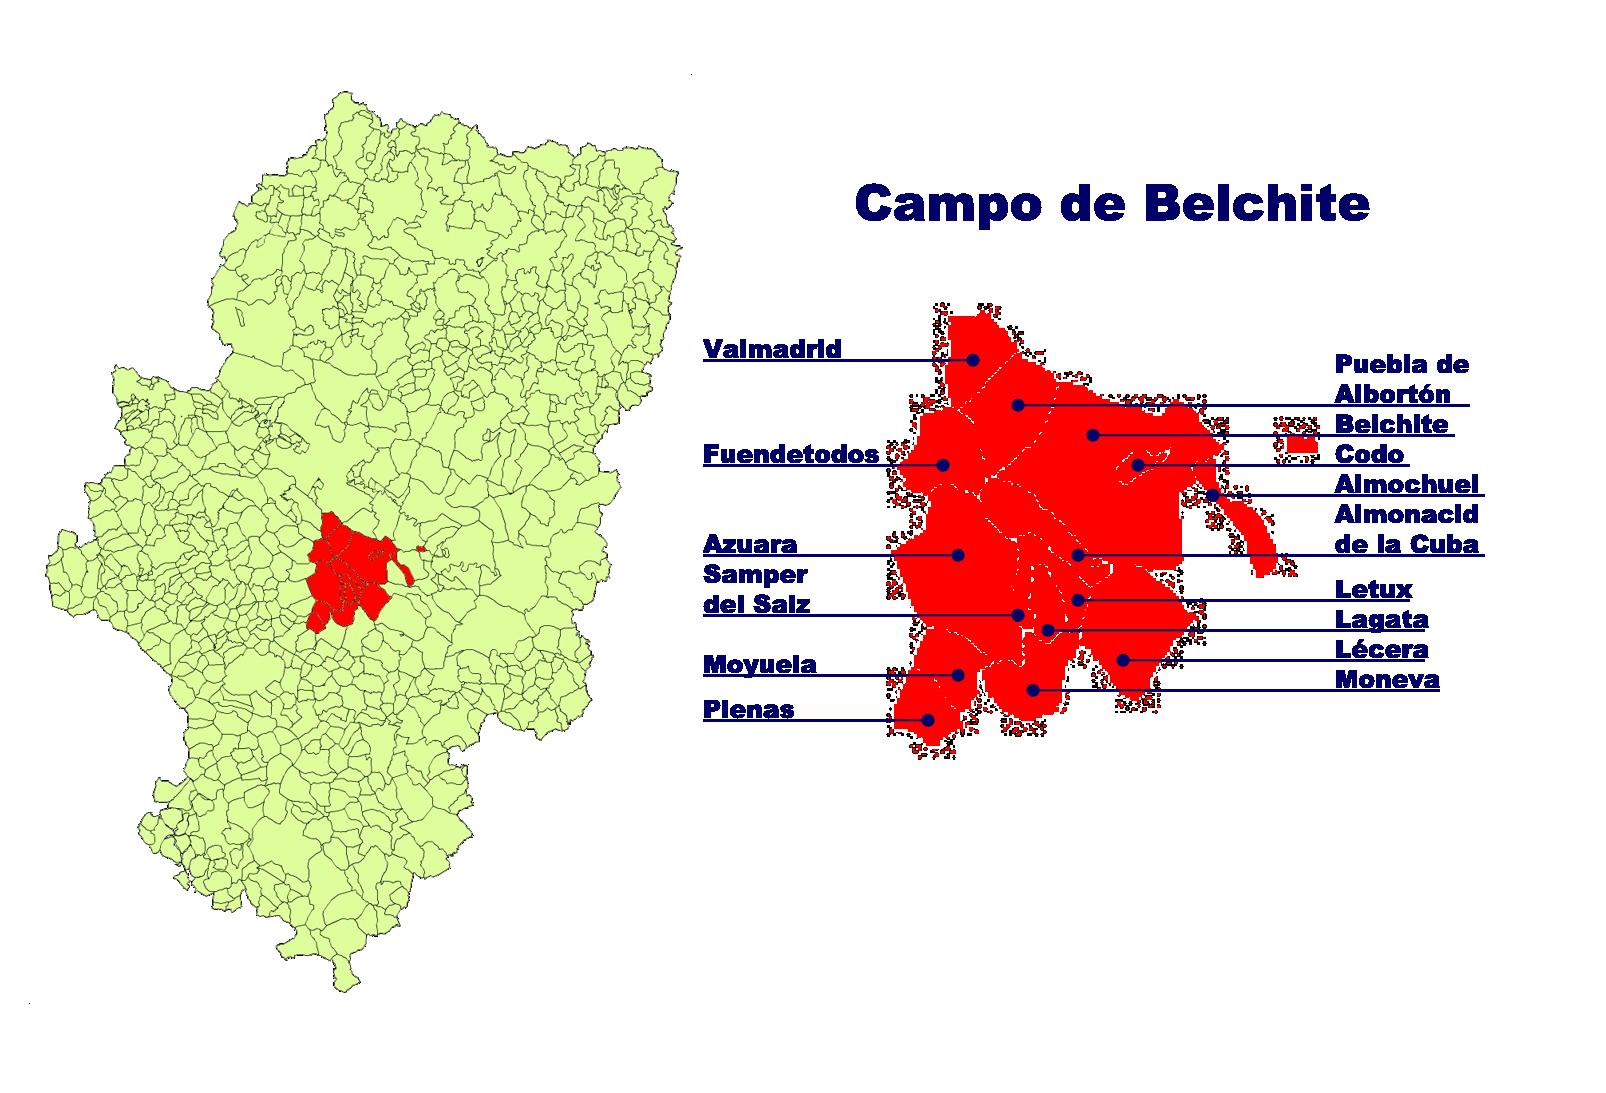 Depiction of Campo de Belchite